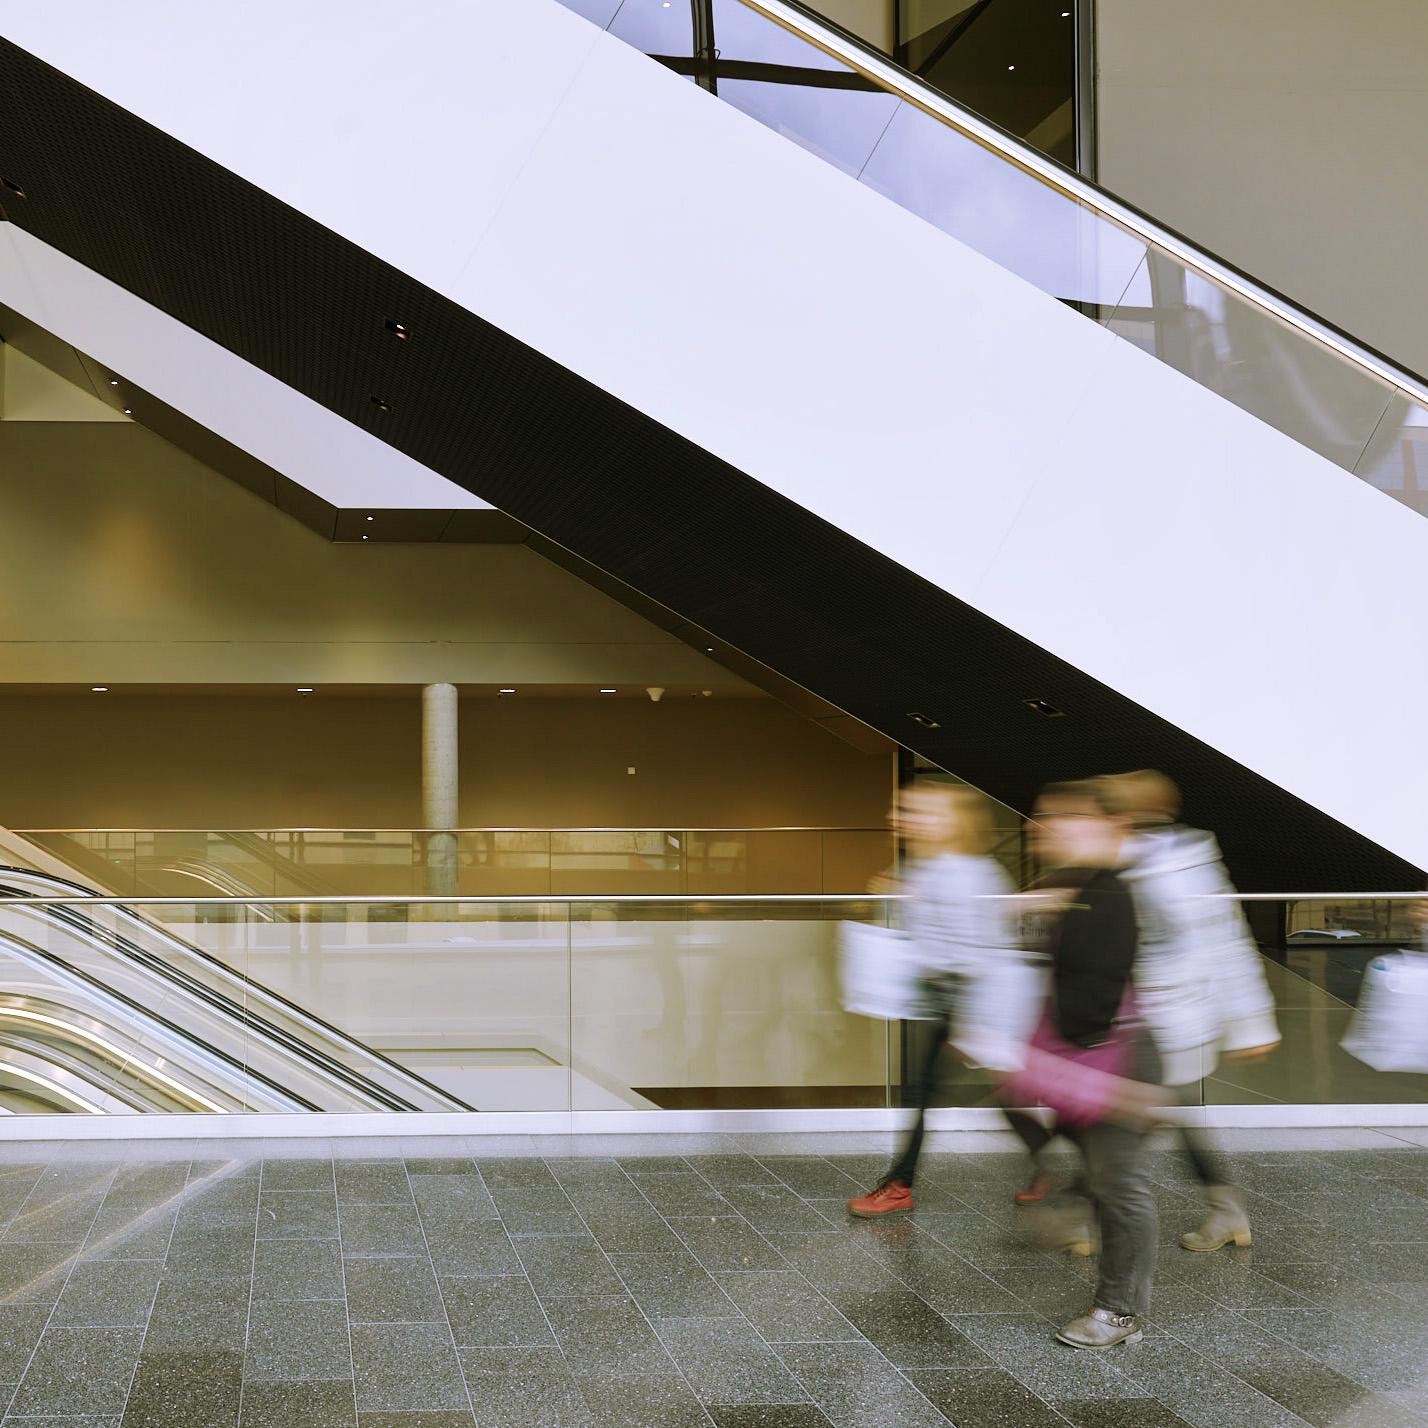 Filmproduktion Foto mit laufenden Personen in Gebäude